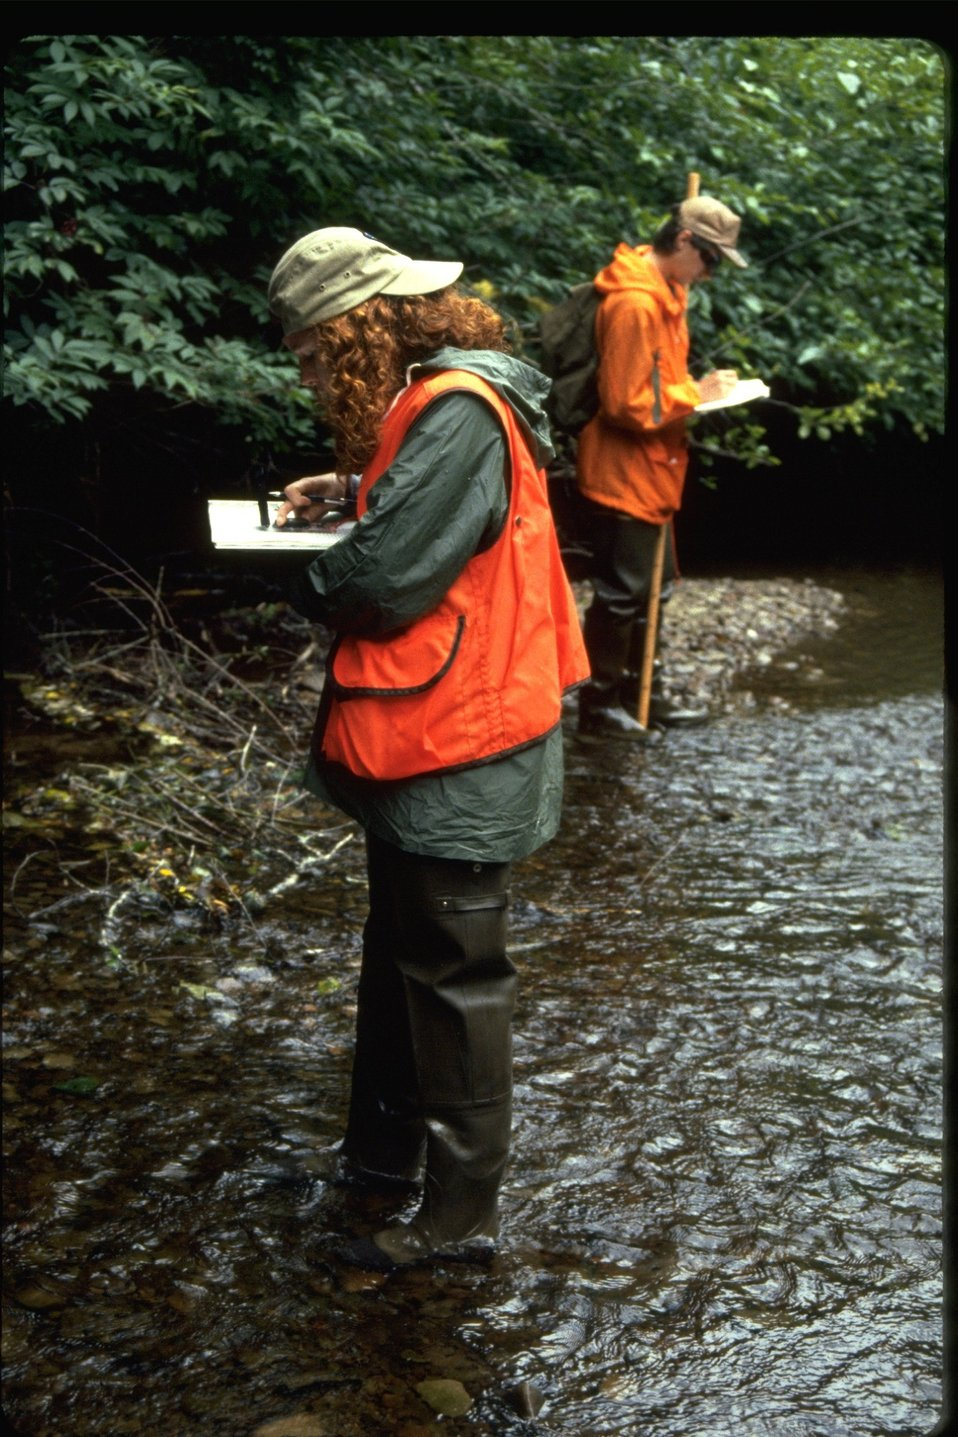 Sarah and Russ surveying Smith Creek during habitat study.